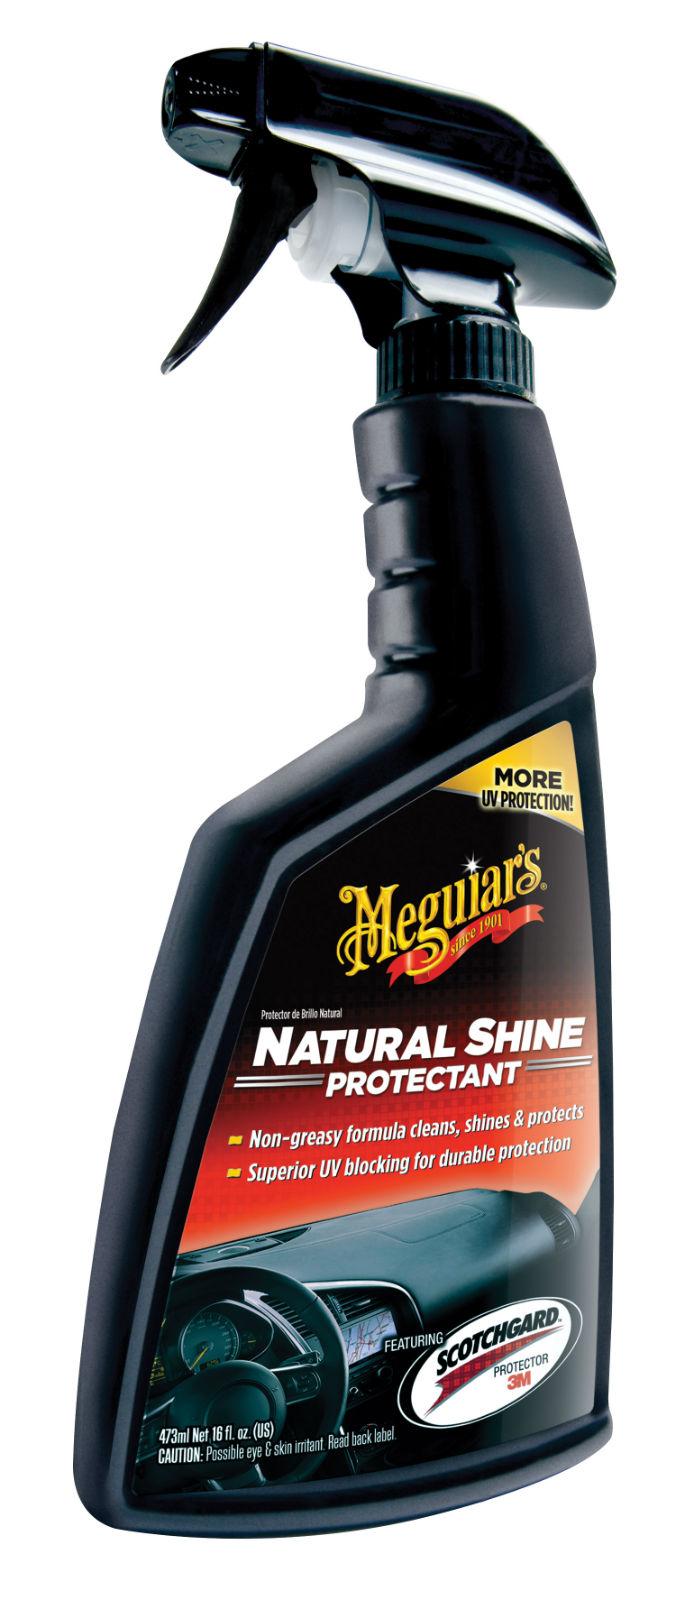 meguiars natural shine protectant polish for car interior g4116 ebay. Black Bedroom Furniture Sets. Home Design Ideas